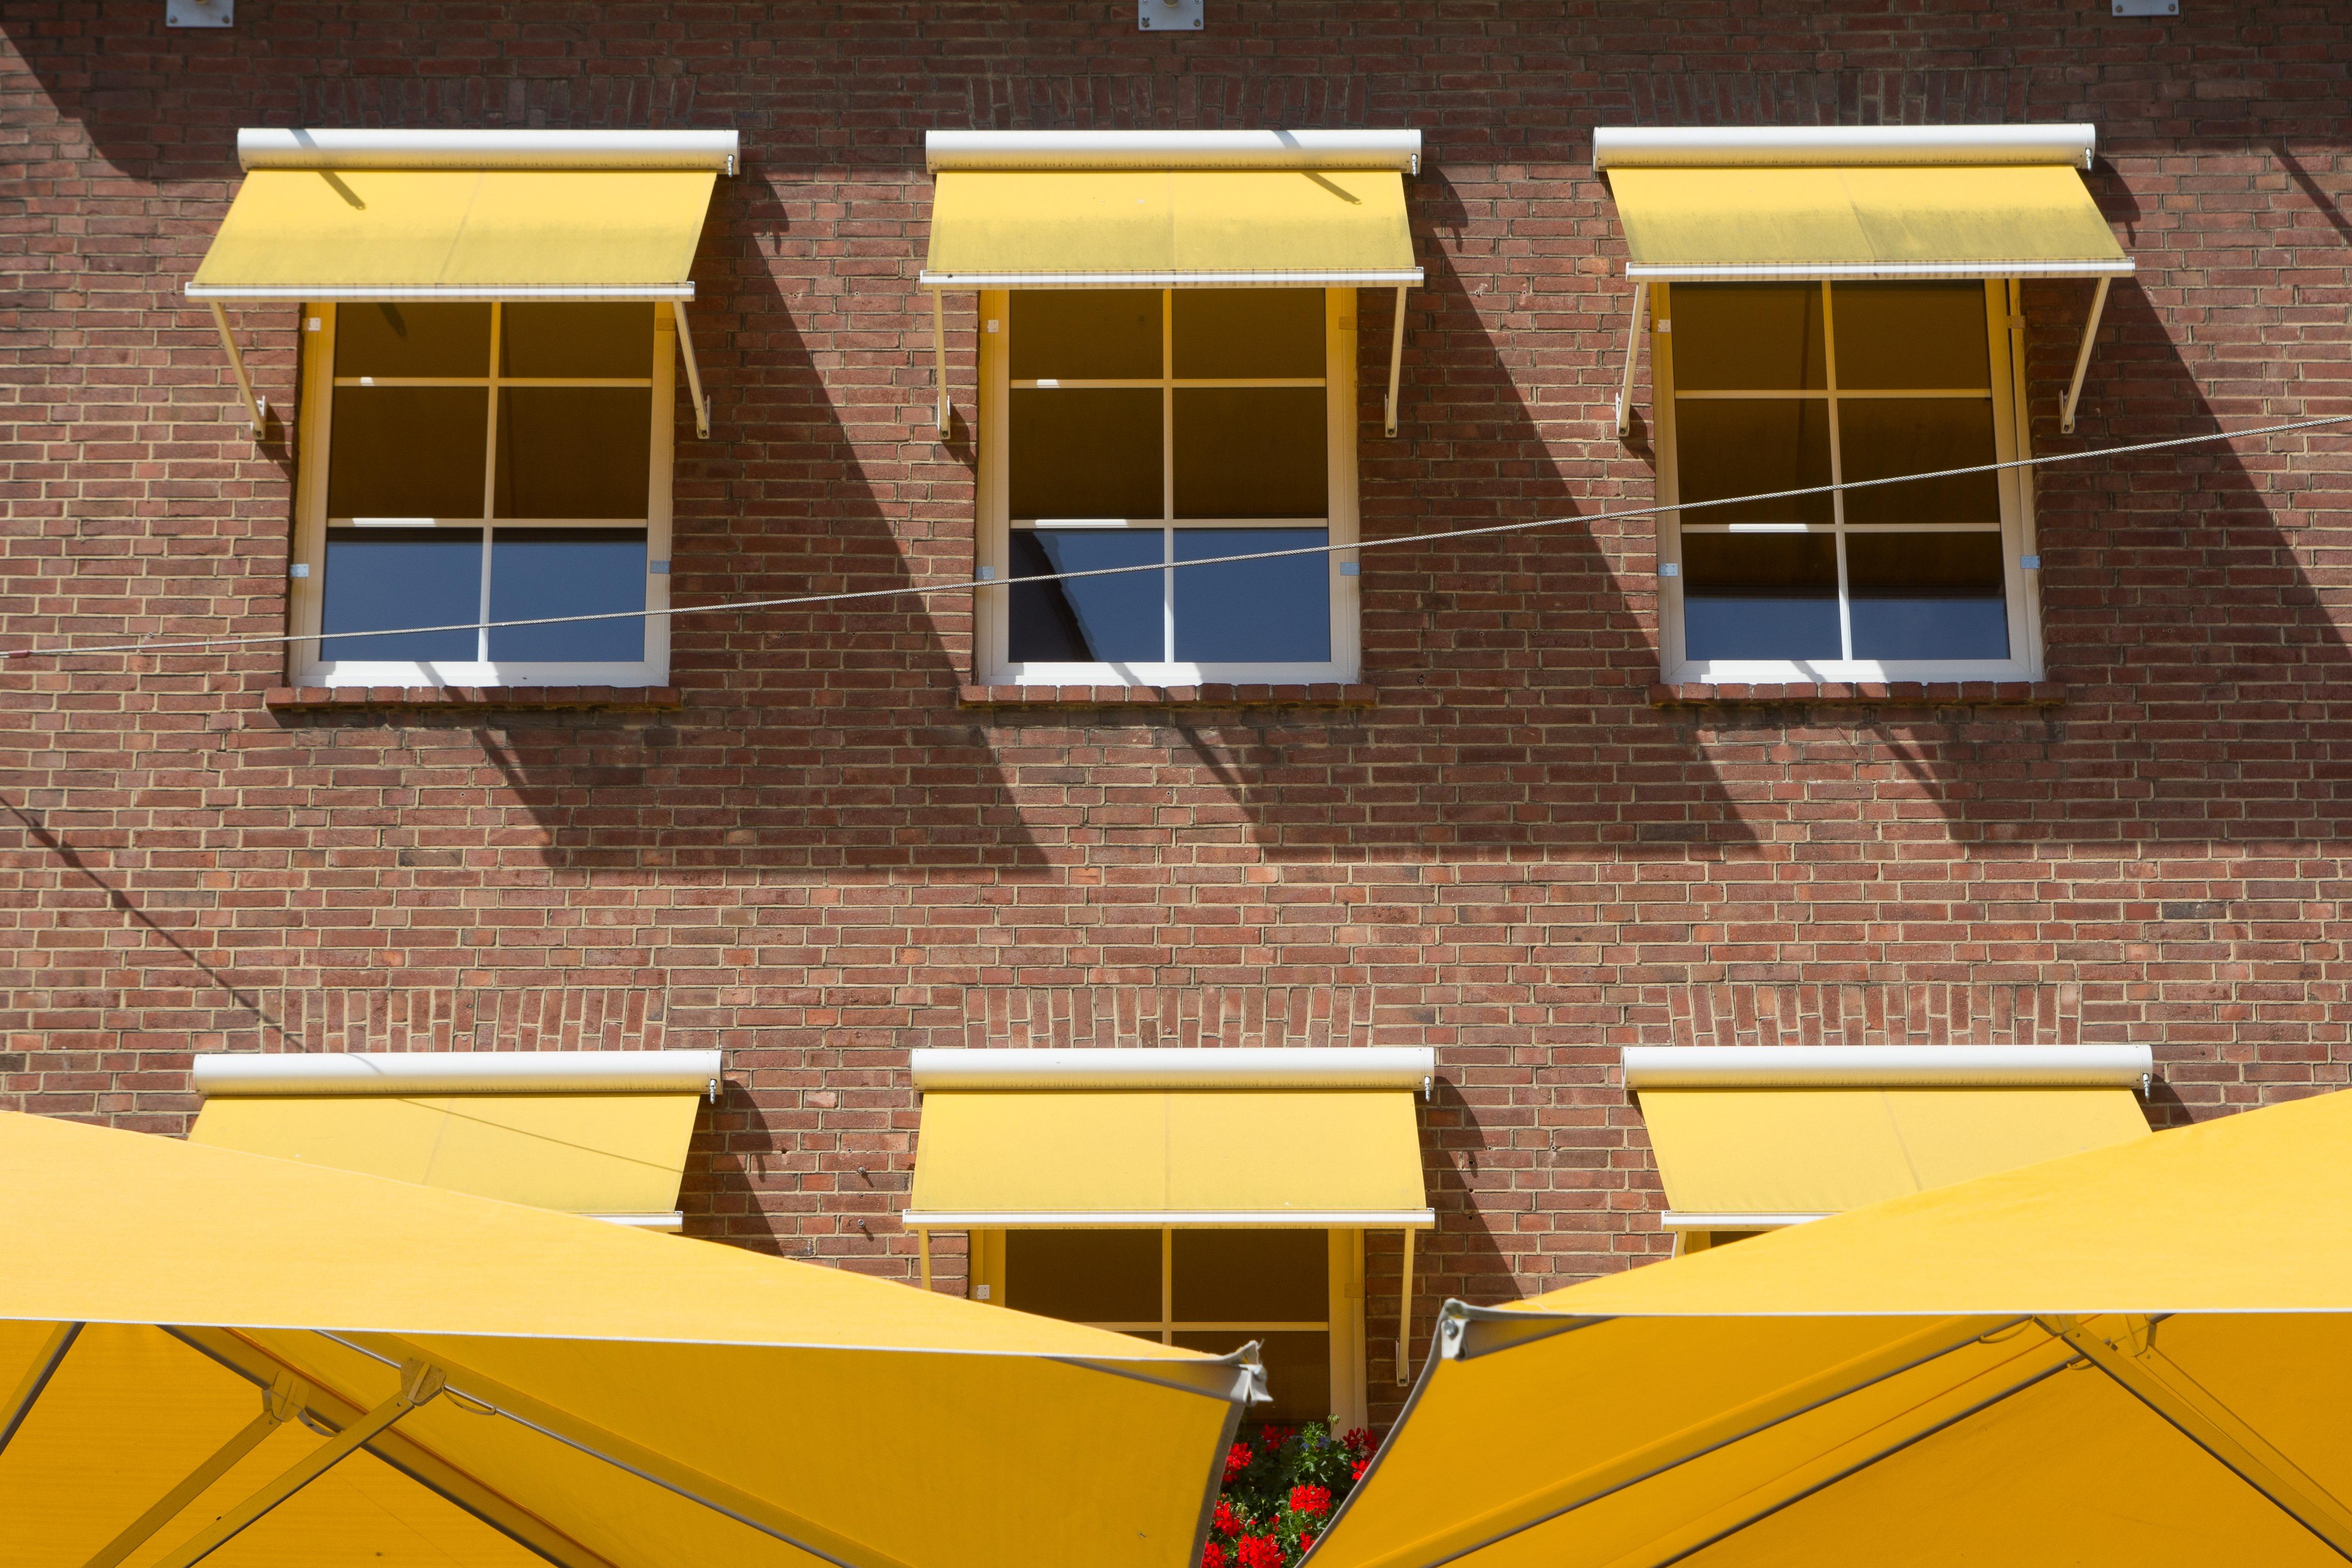 Бесплатная фотография: лето, балкон, защита от солнца - бесп.